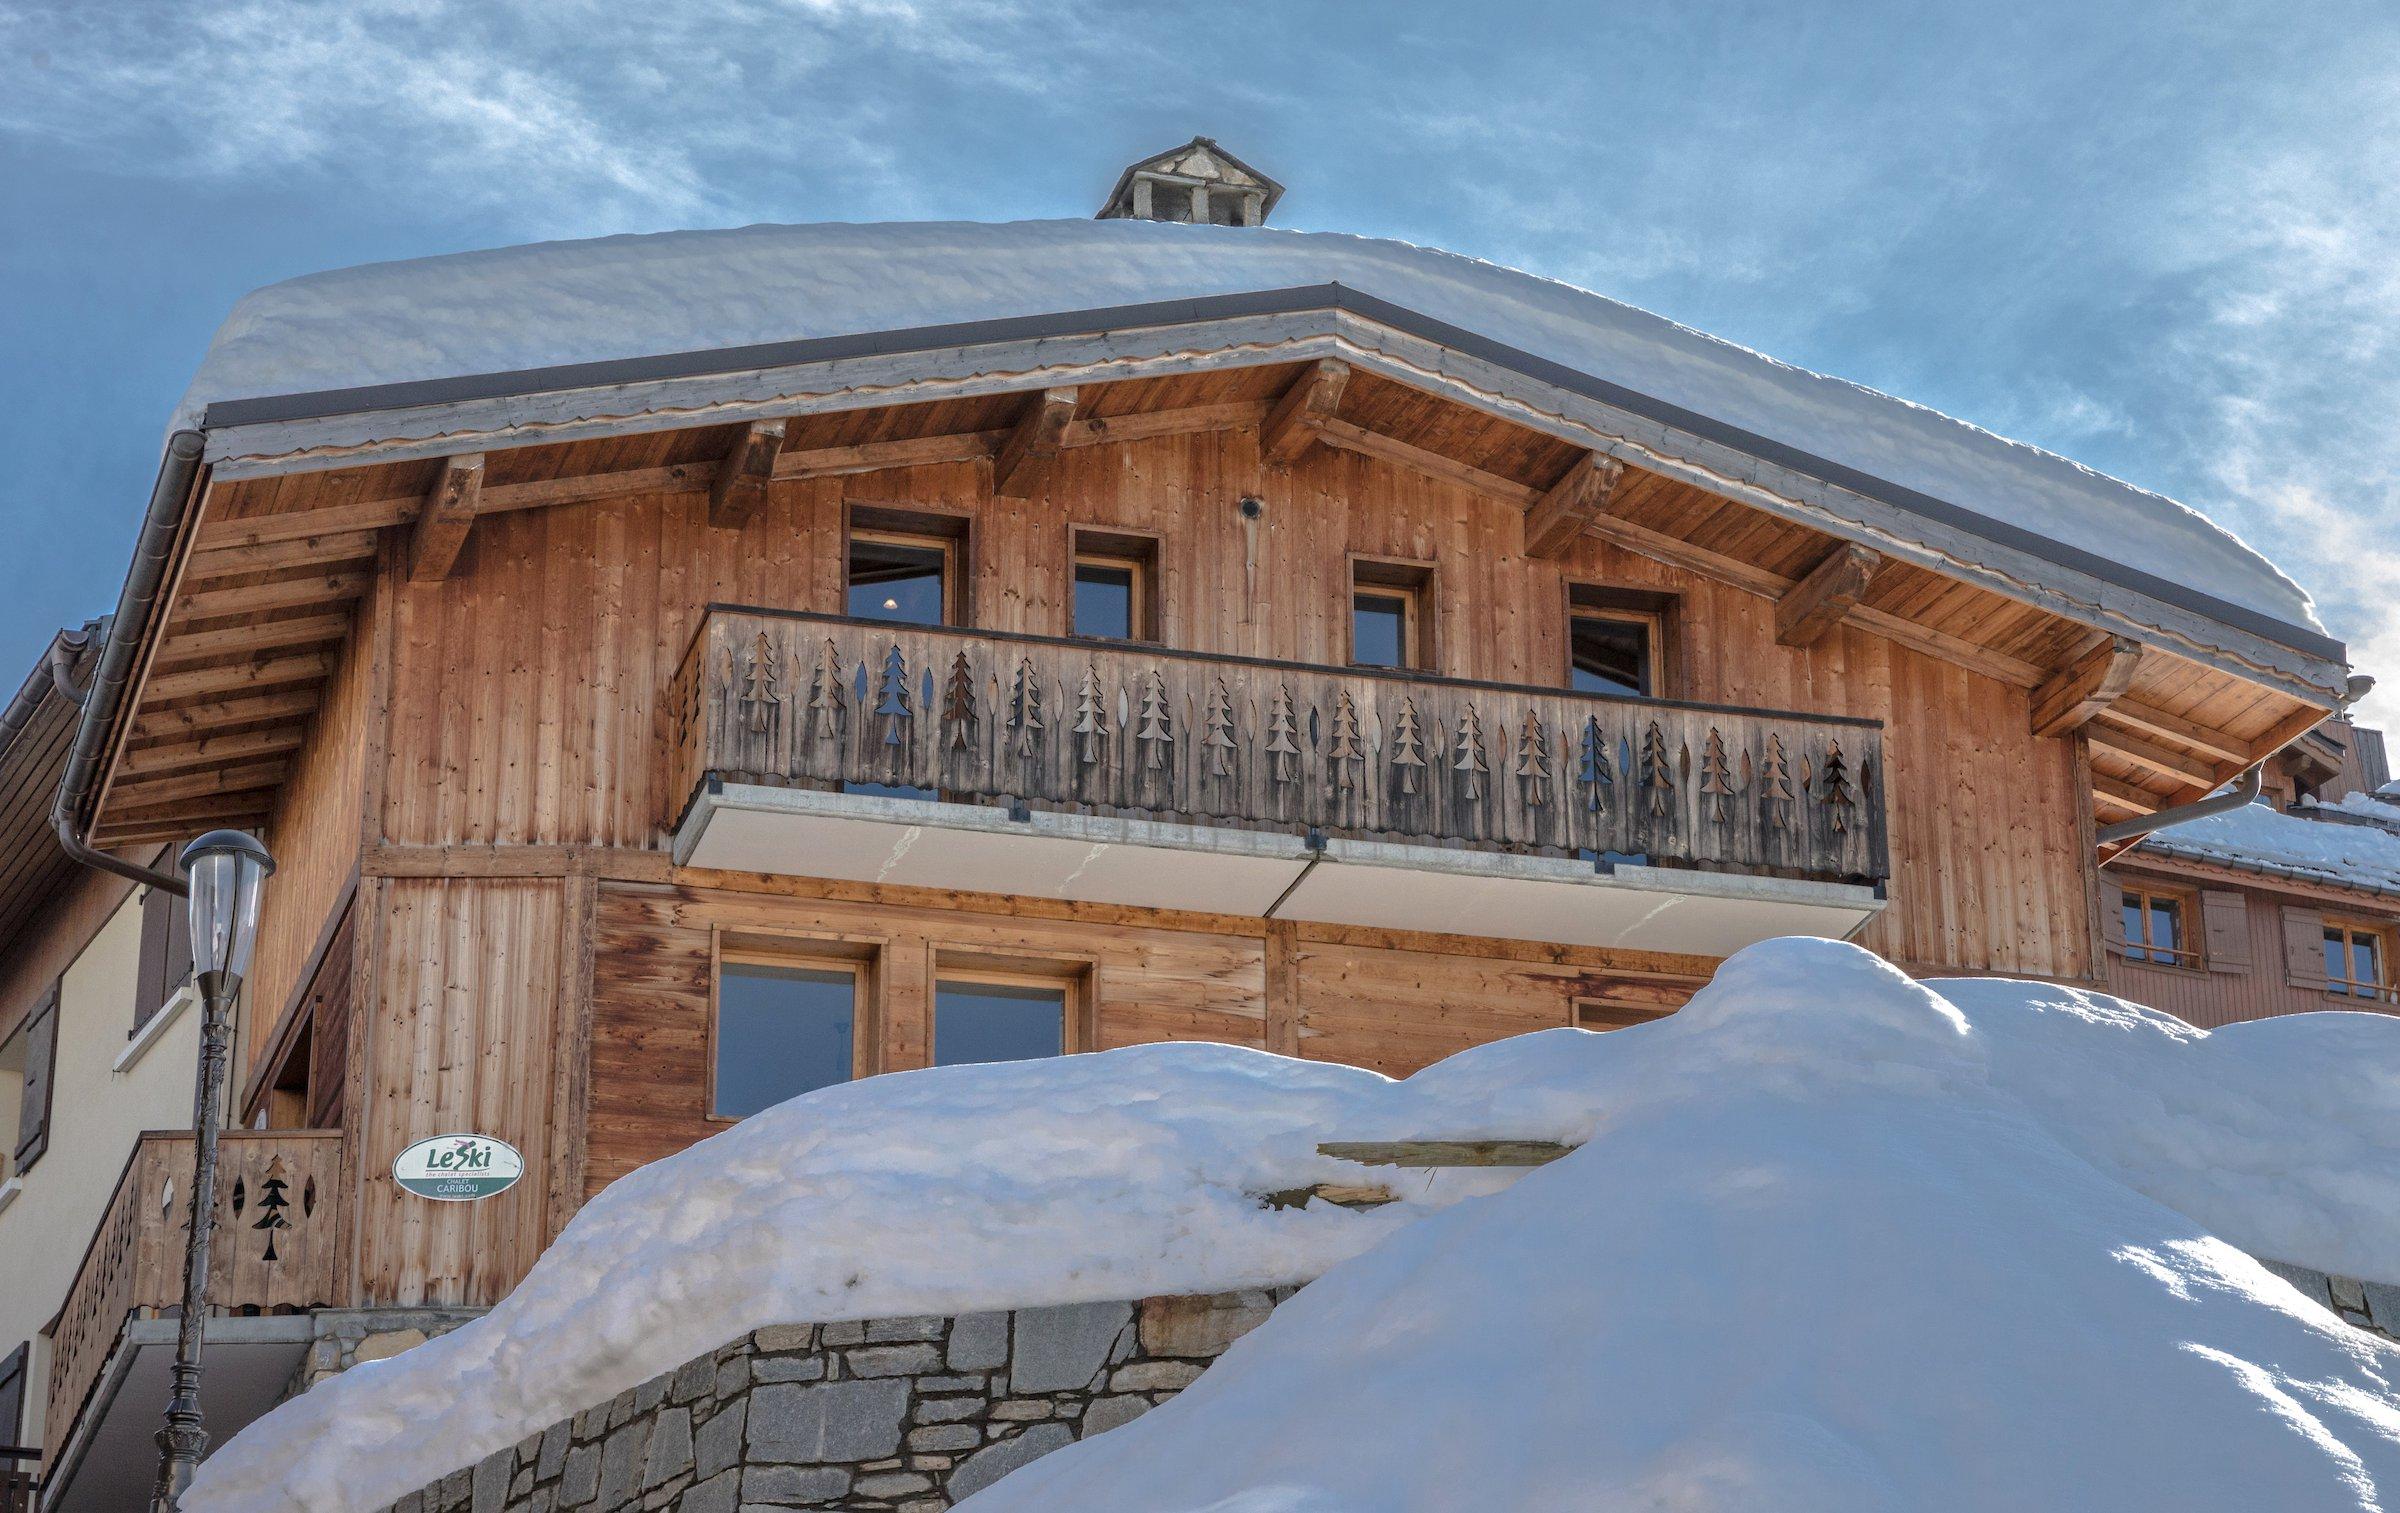 chalet caribou in courchevel france le ski. Black Bedroom Furniture Sets. Home Design Ideas